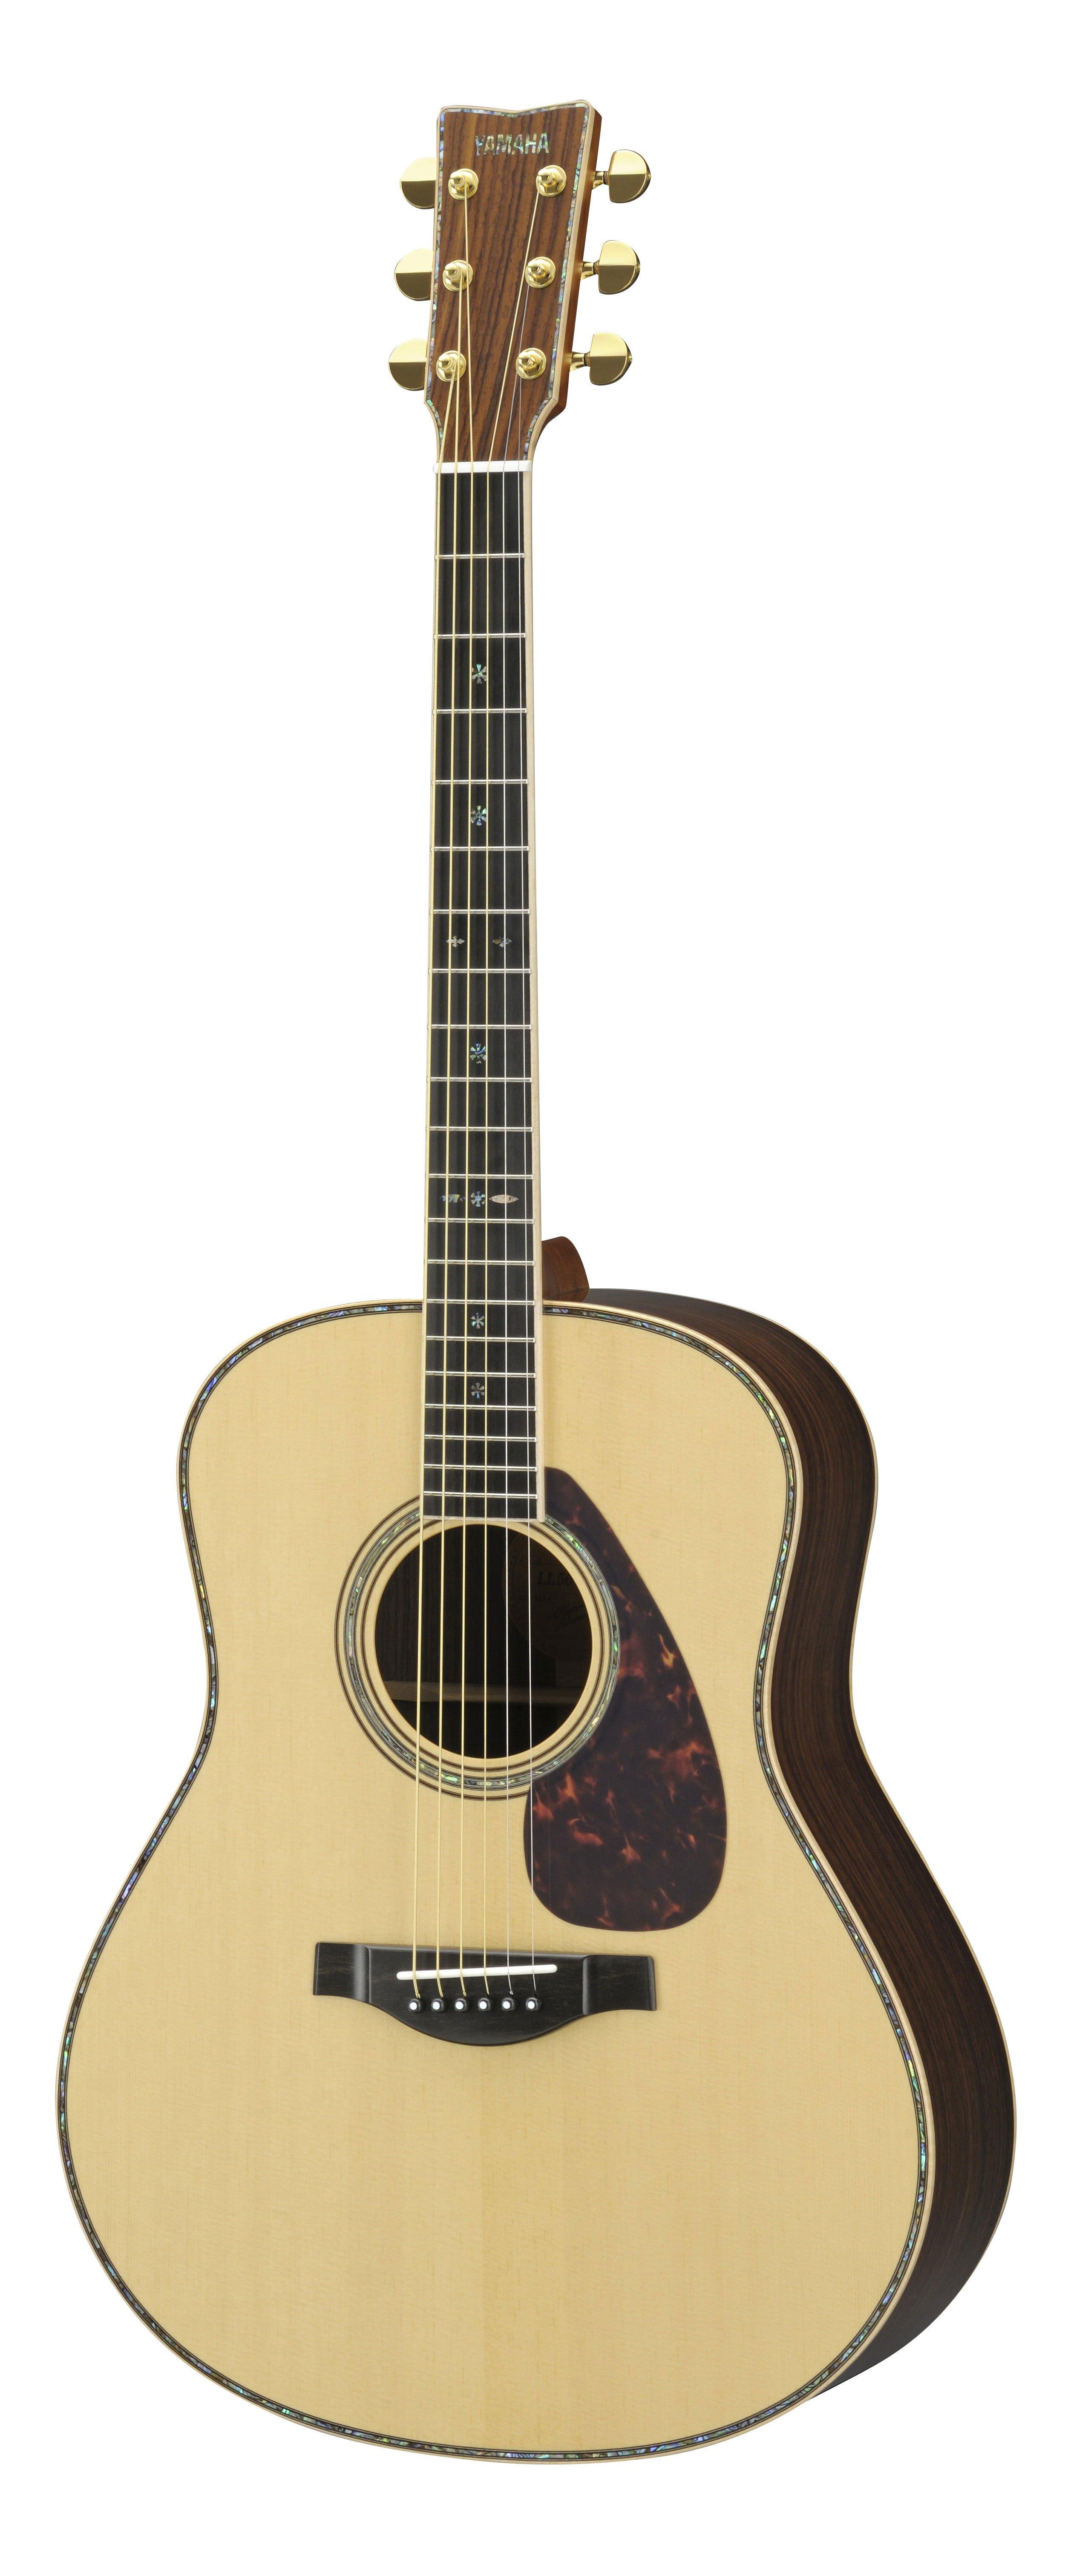 L Series Ll Series Acoustic Guitars Guitars Basses Musical